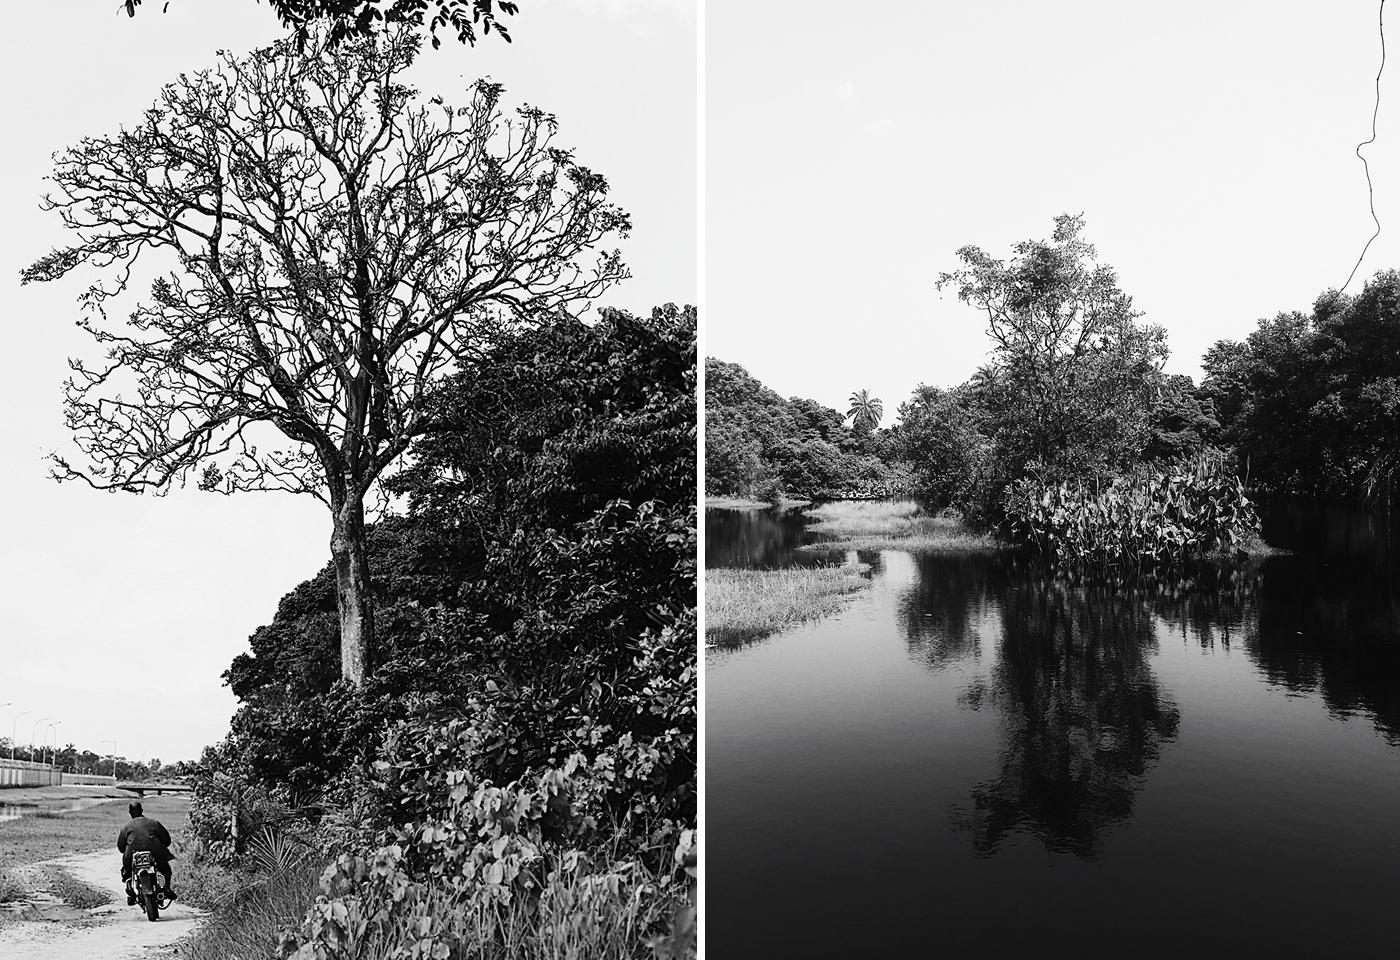 Finima Nature Park Pond